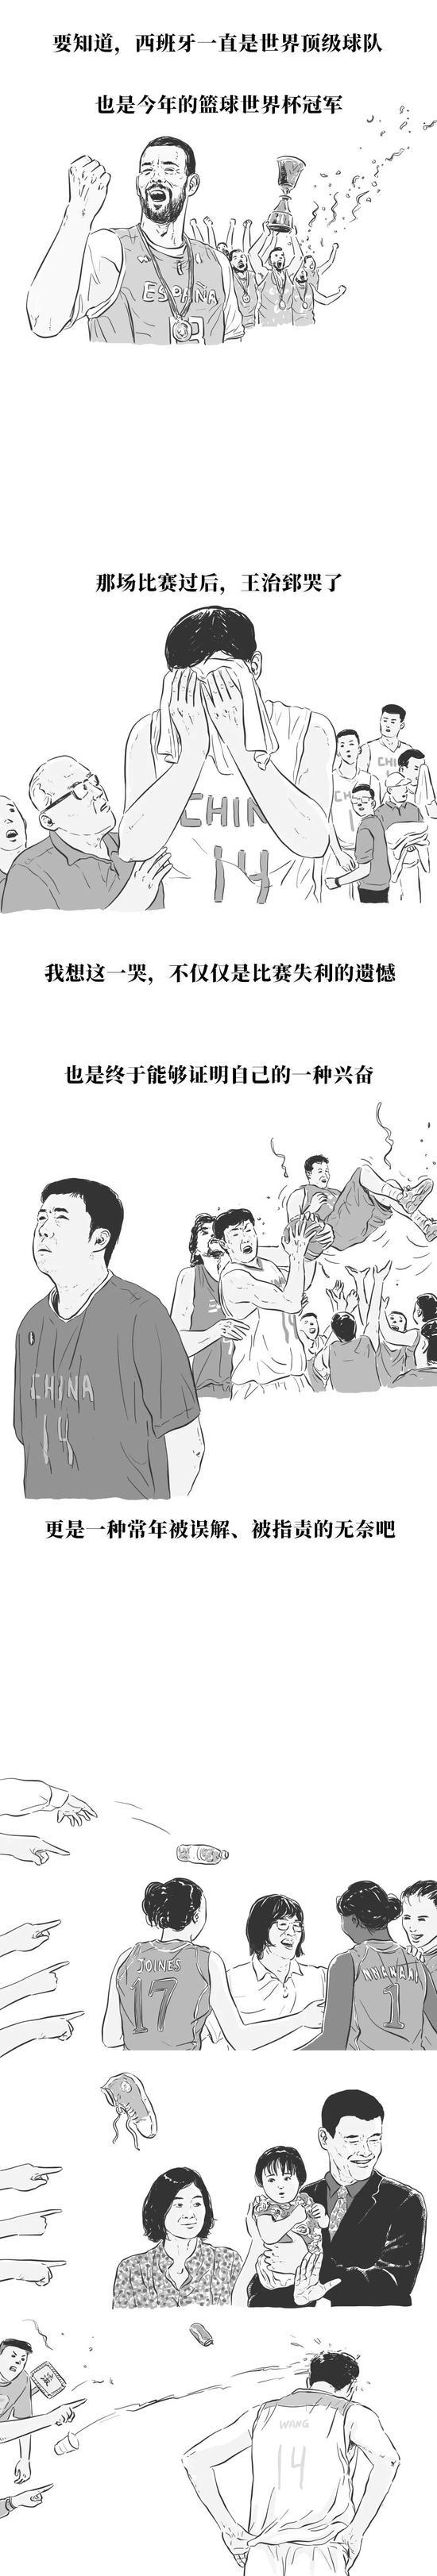 至尊宝娱乐官网_首页